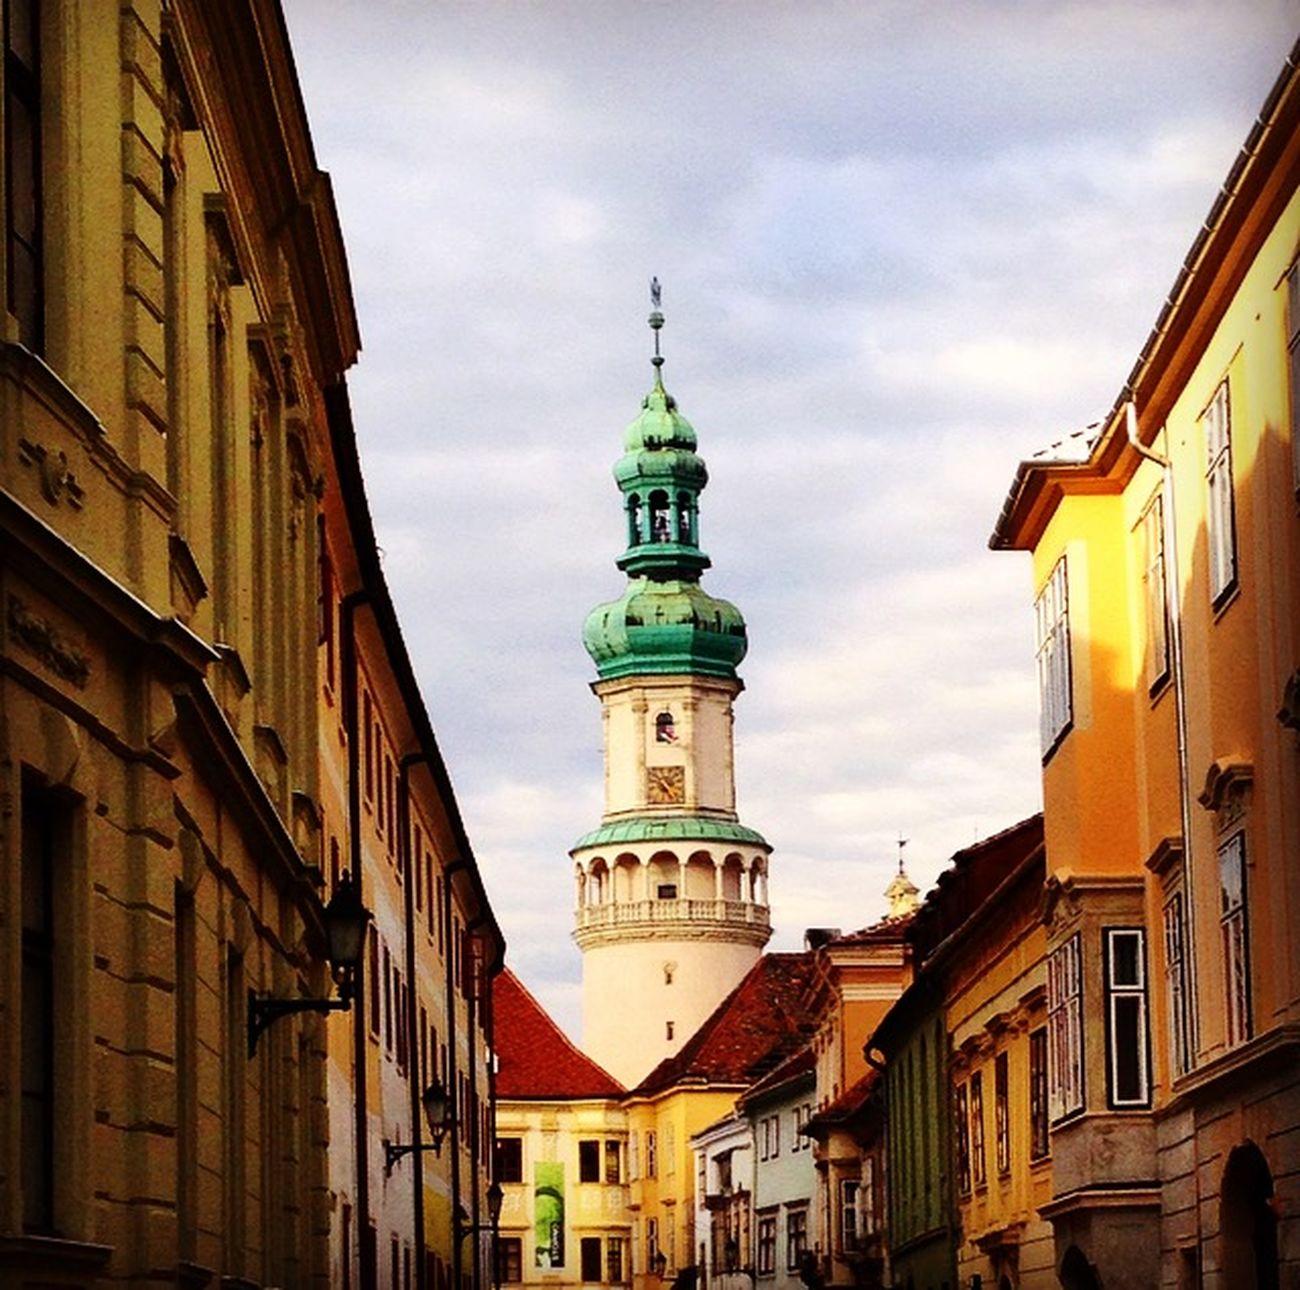 Amazing Architecture Hungary Secondhome Tüztorony Enjoying Life